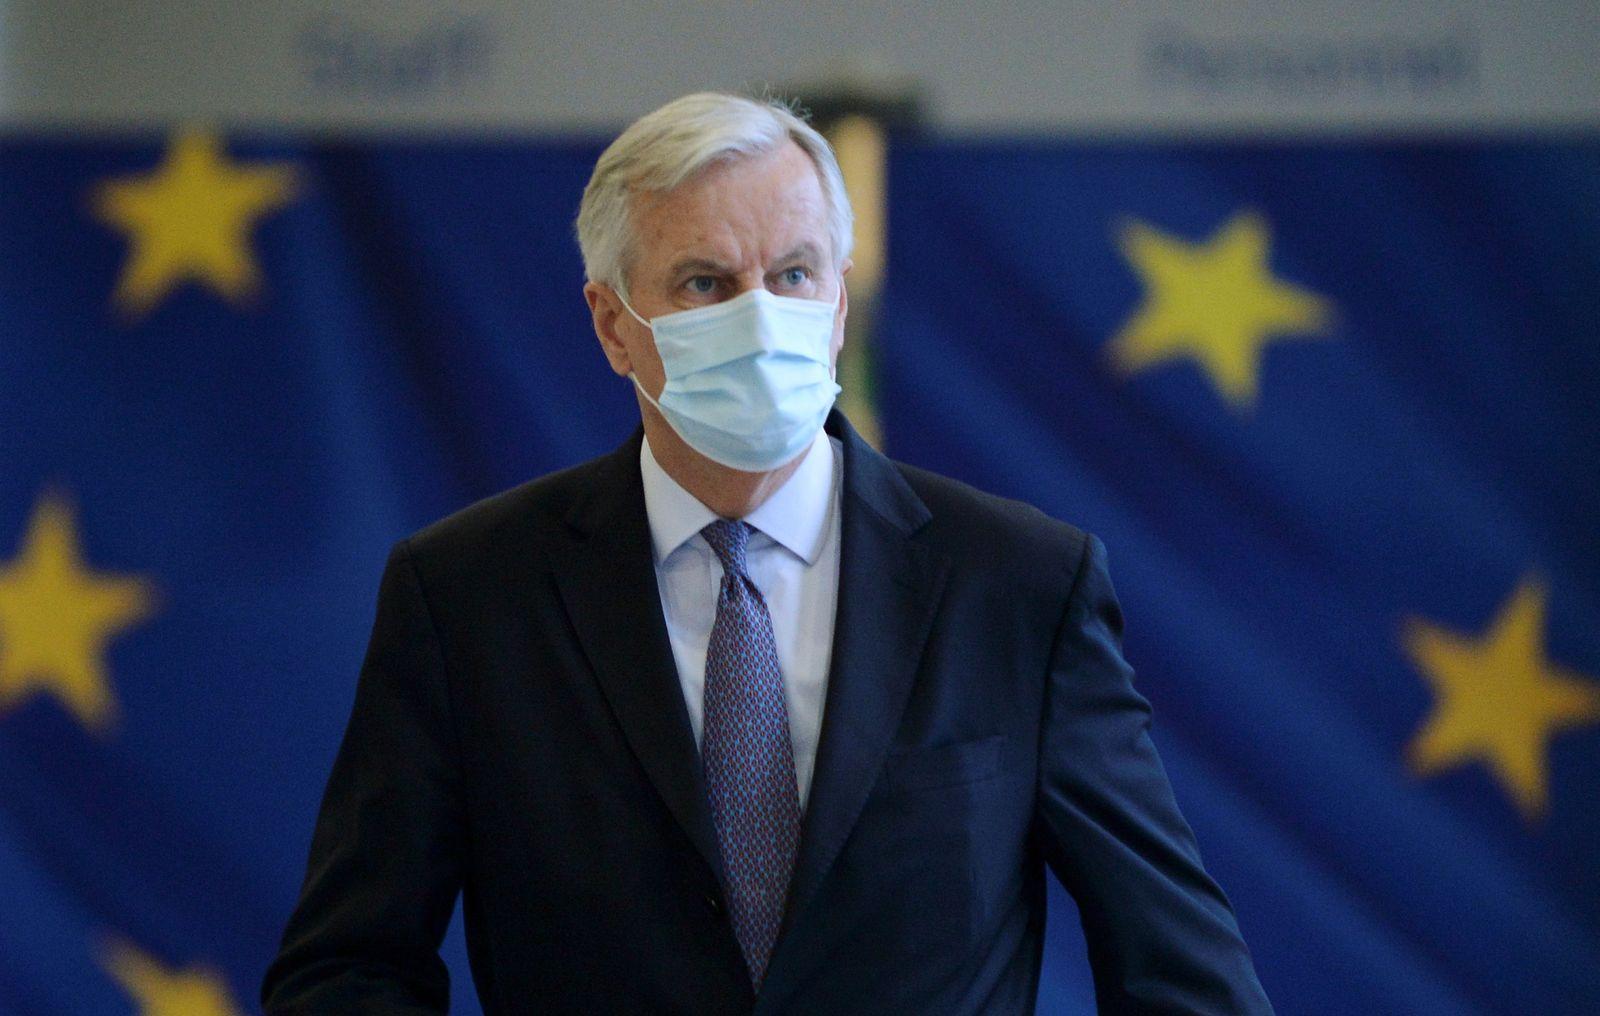 EU chief Brexit negotiator Michel Barnier leaves EU Commission after Brexit negotiations